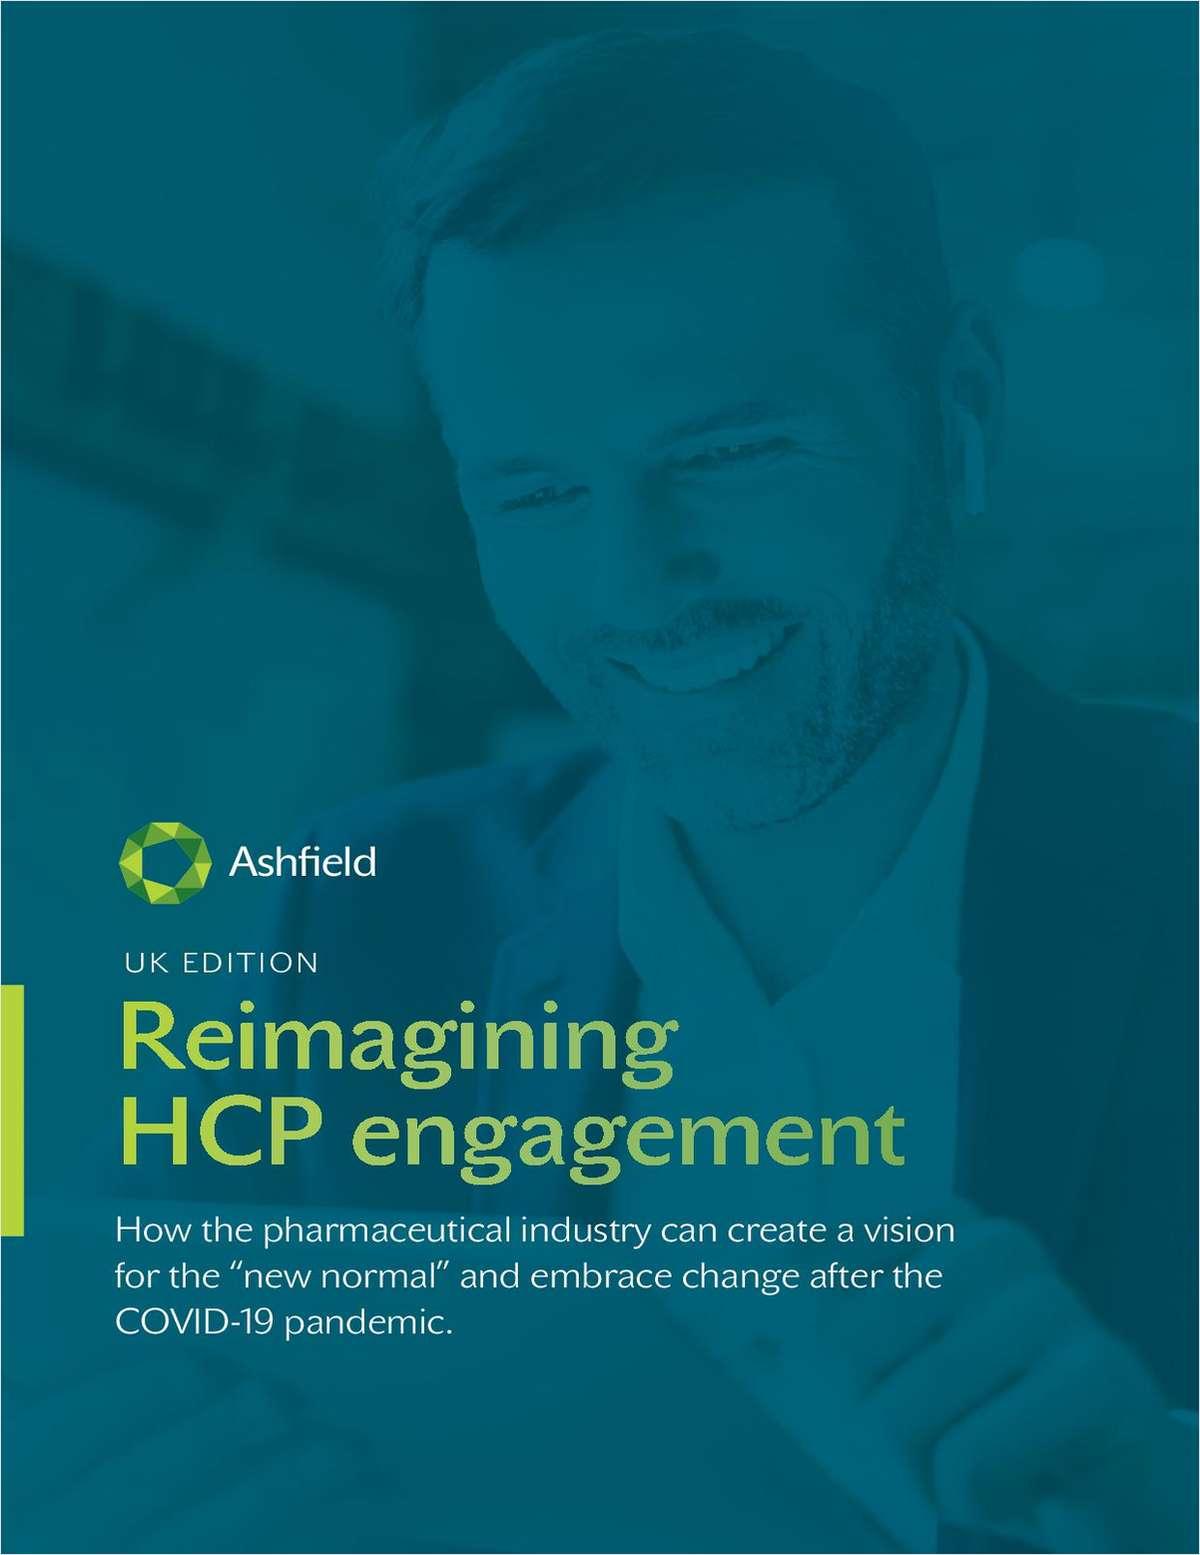 Reimagining HCP engagement